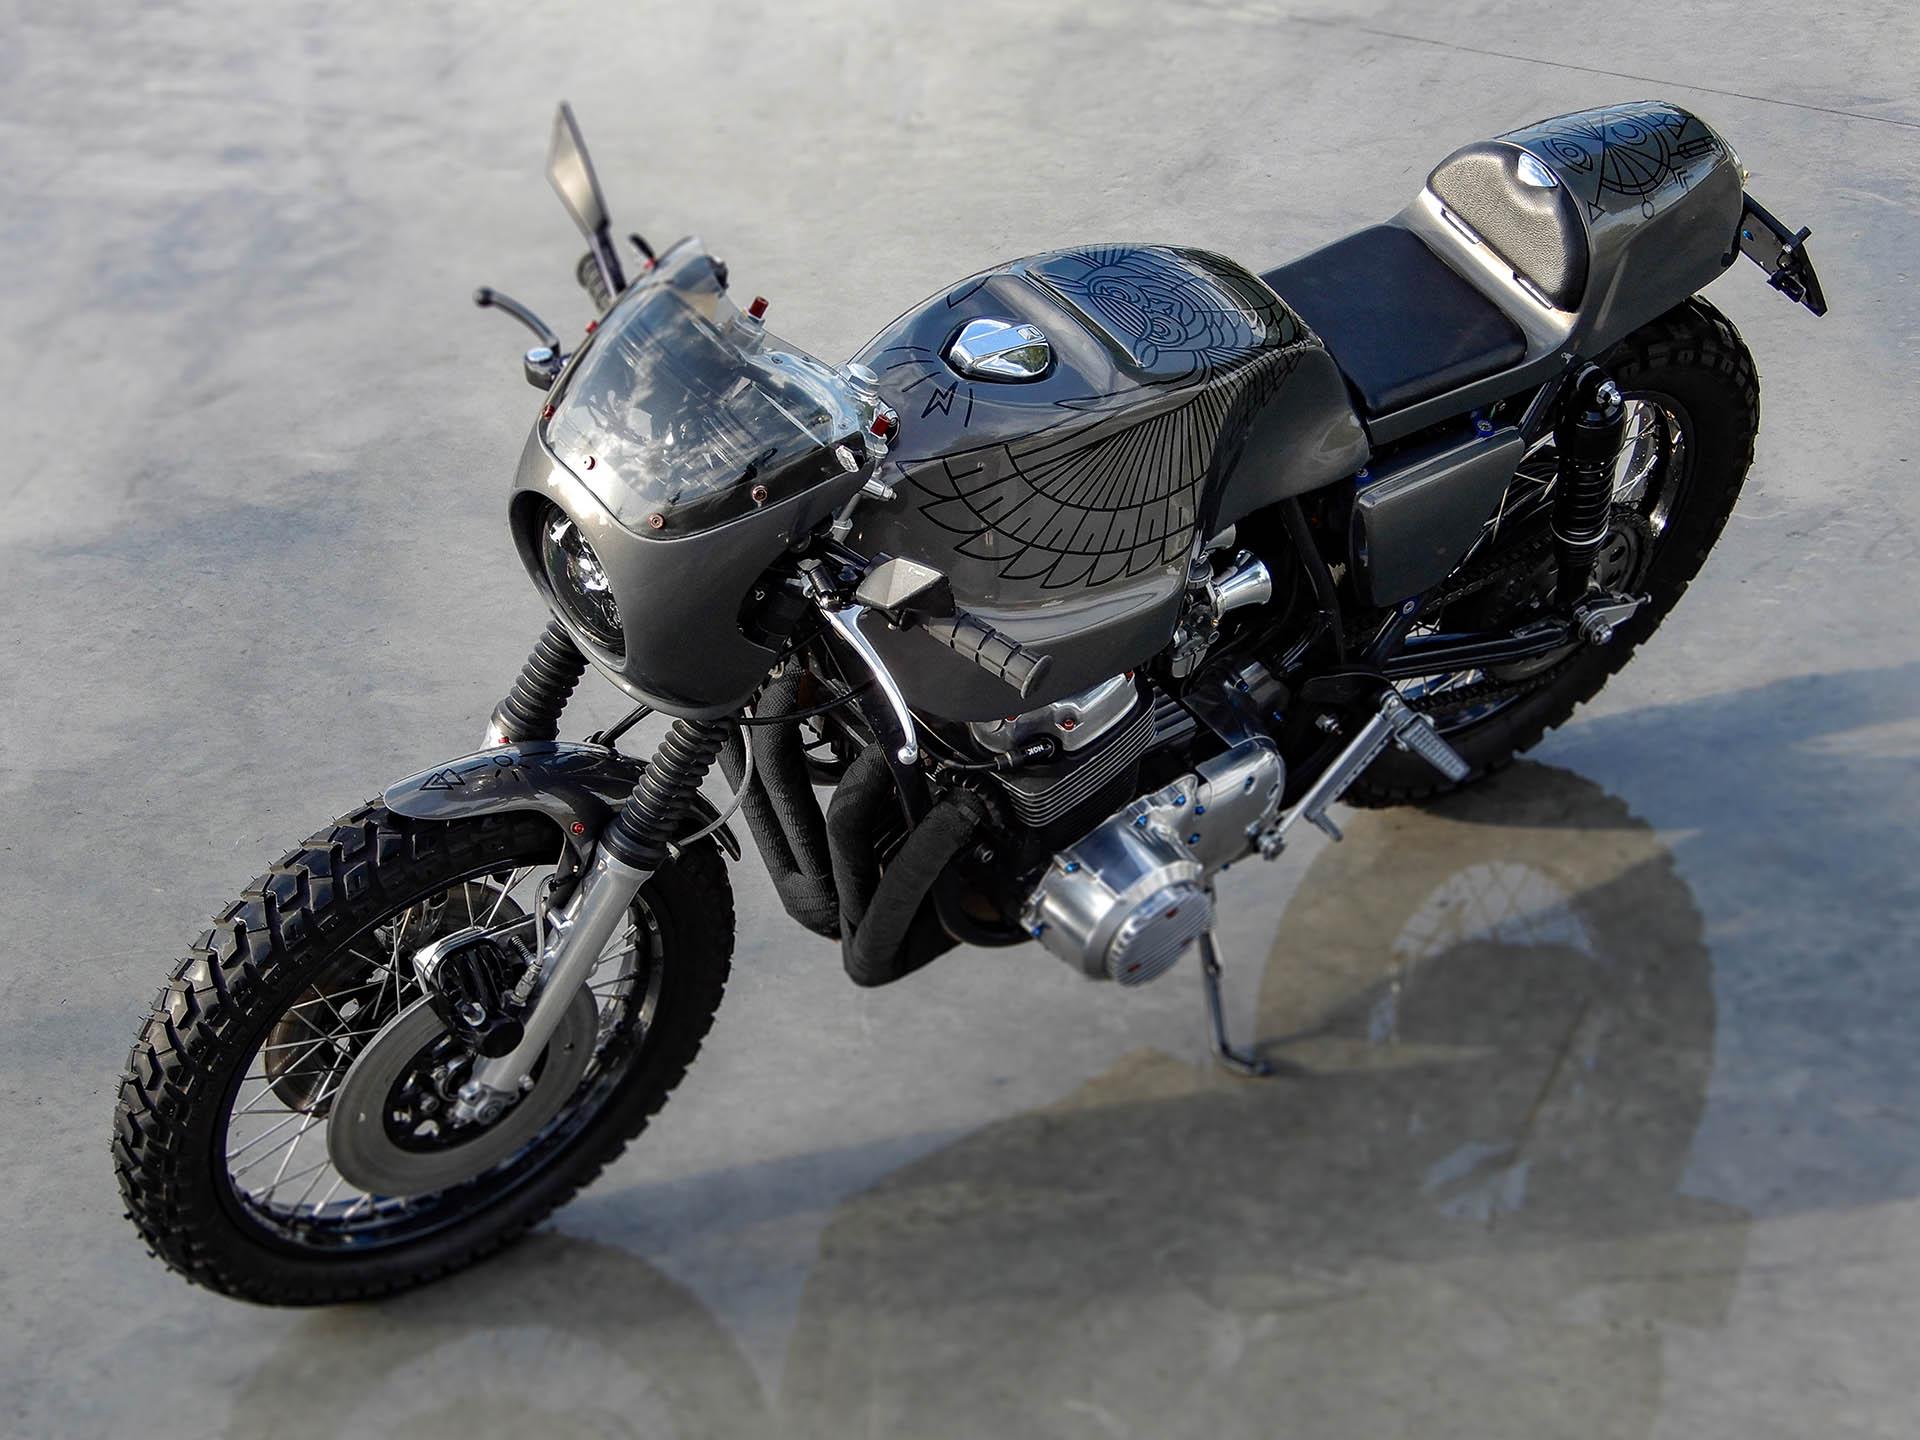 Honda CB 750 1976 - The Night Owl